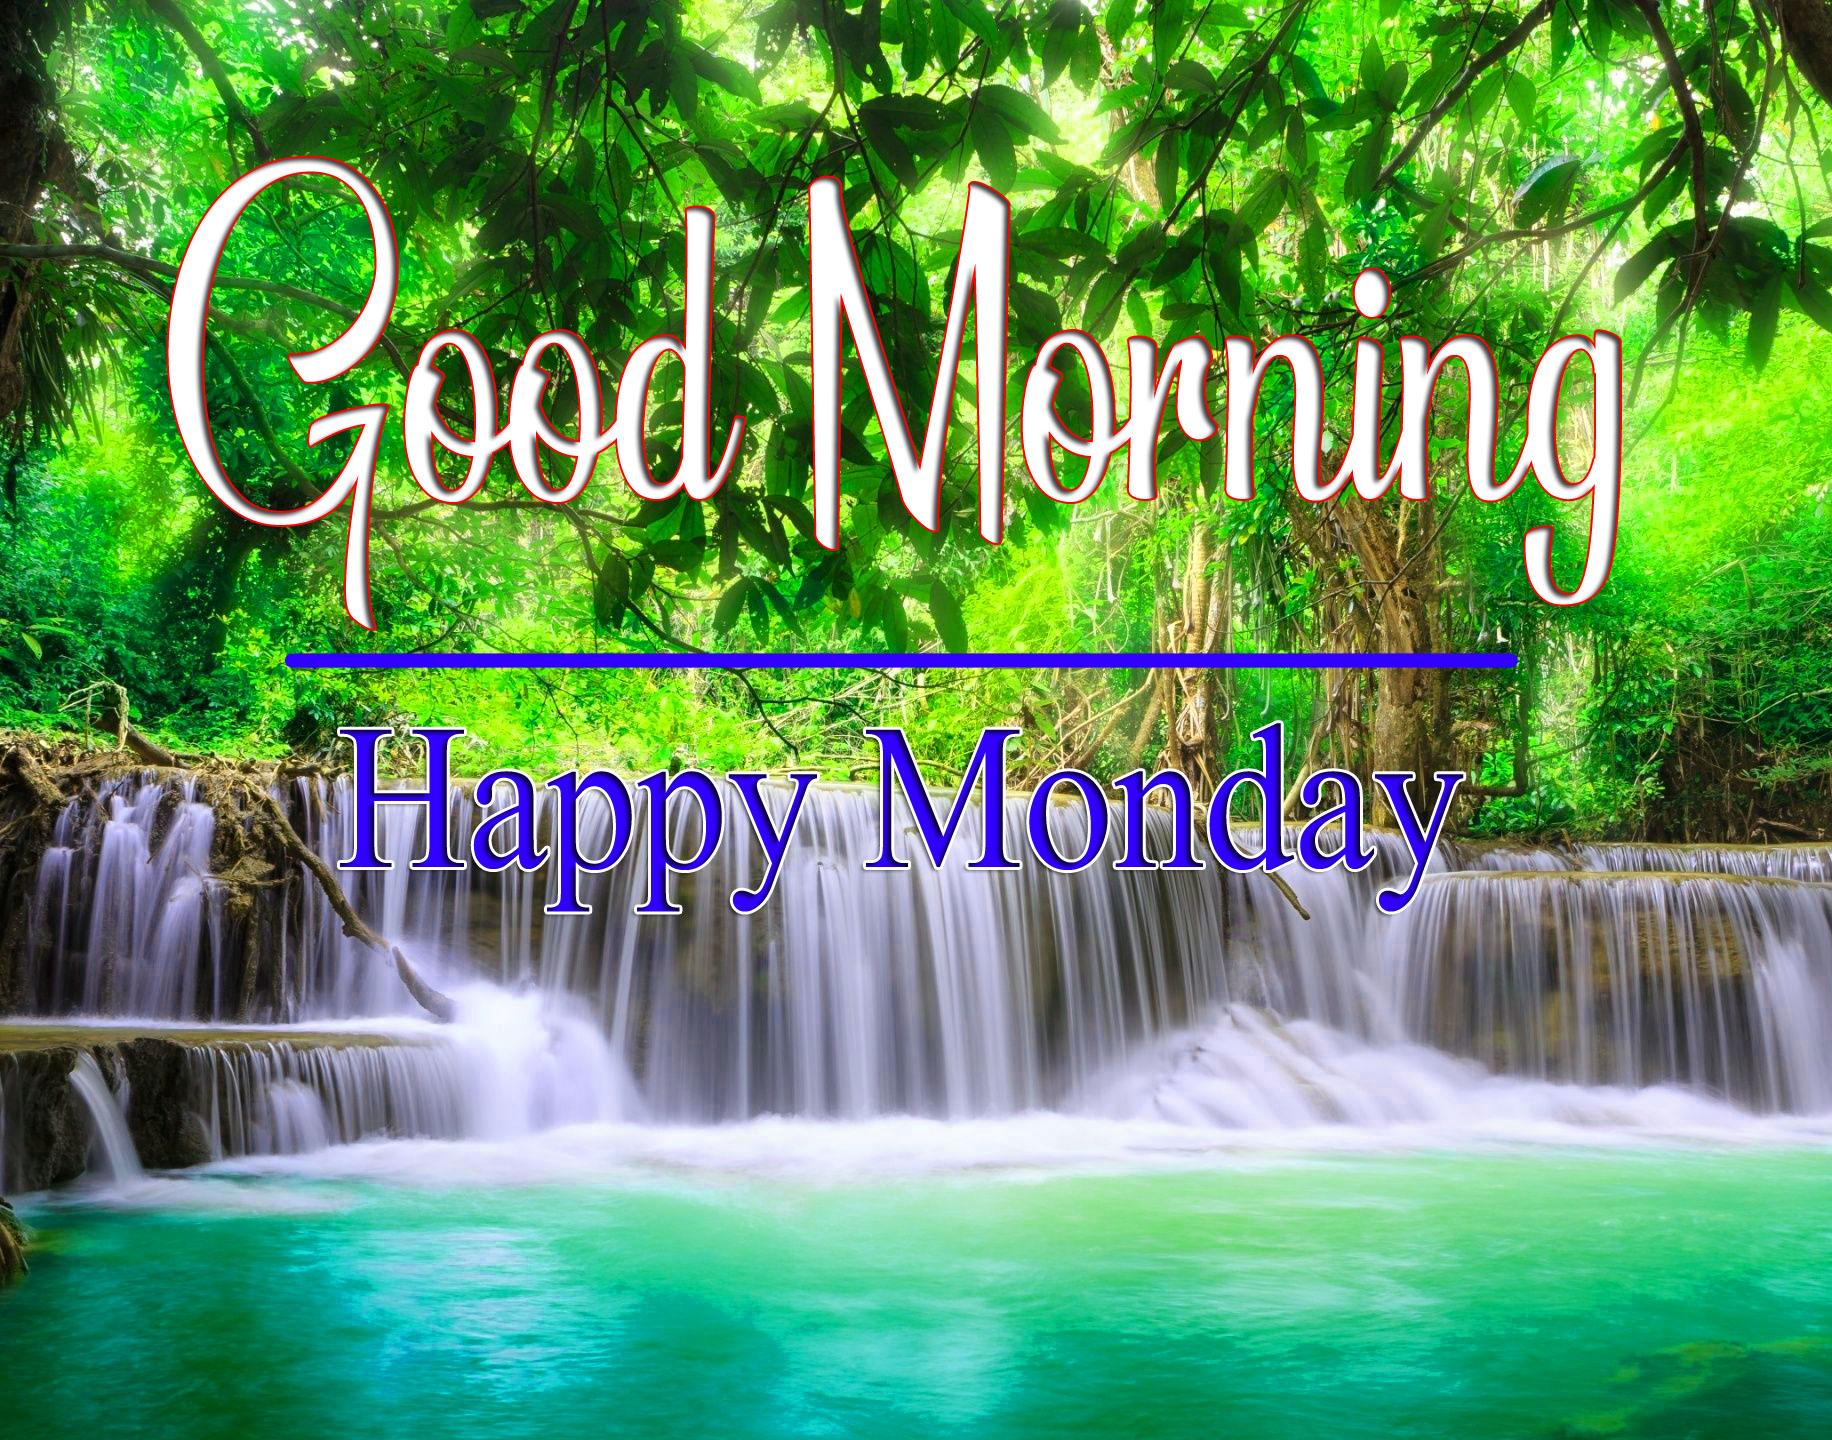 Fresh Monday Good Morning Images 3